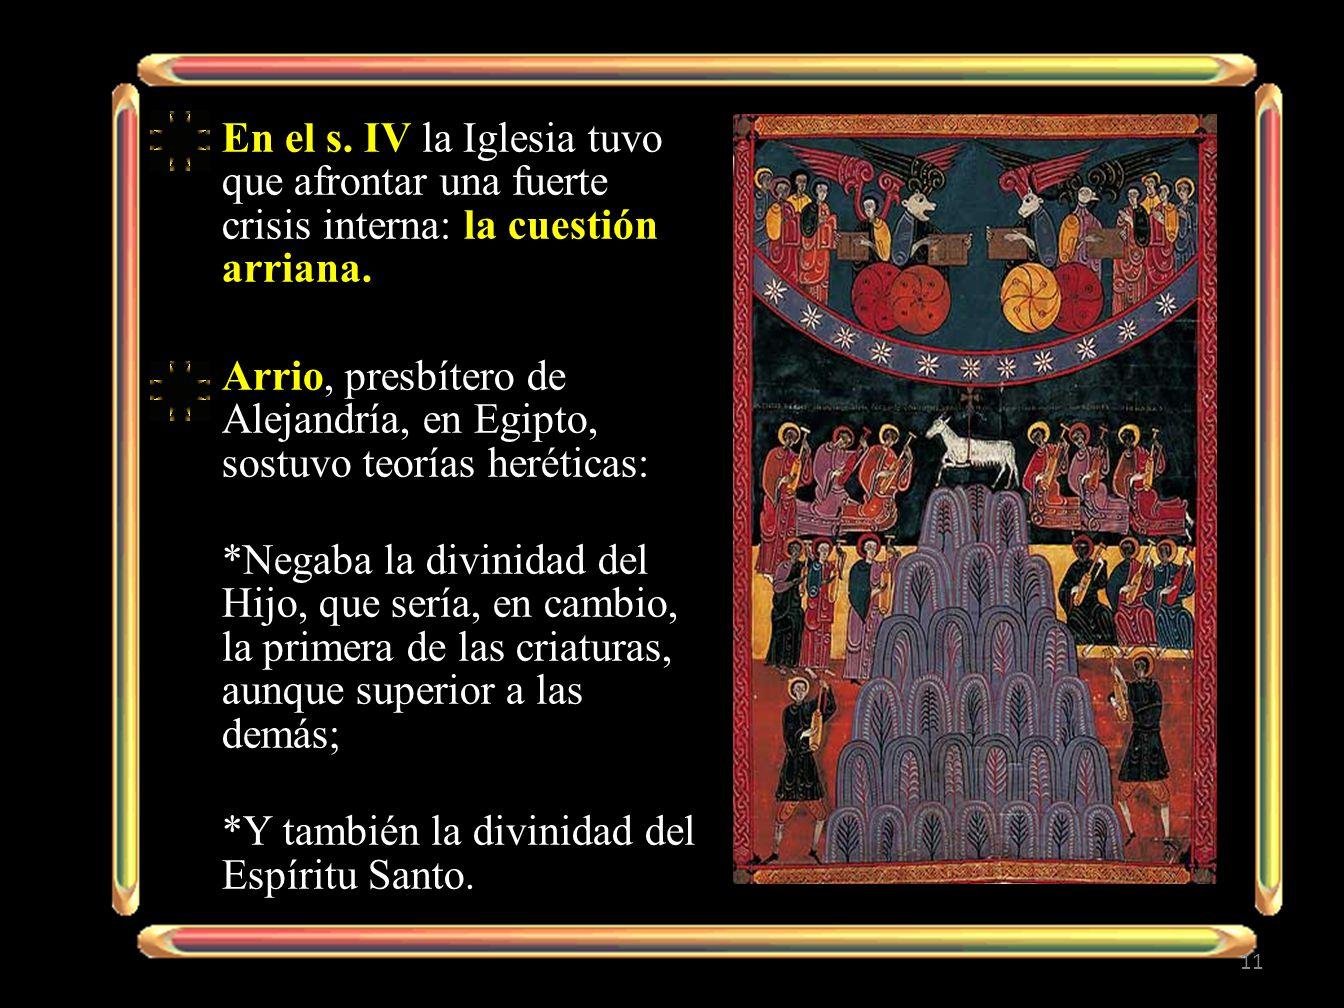 En el s. IV la Iglesia tuvo que afrontar una fuerte crisis interna: la cuestión arriana.